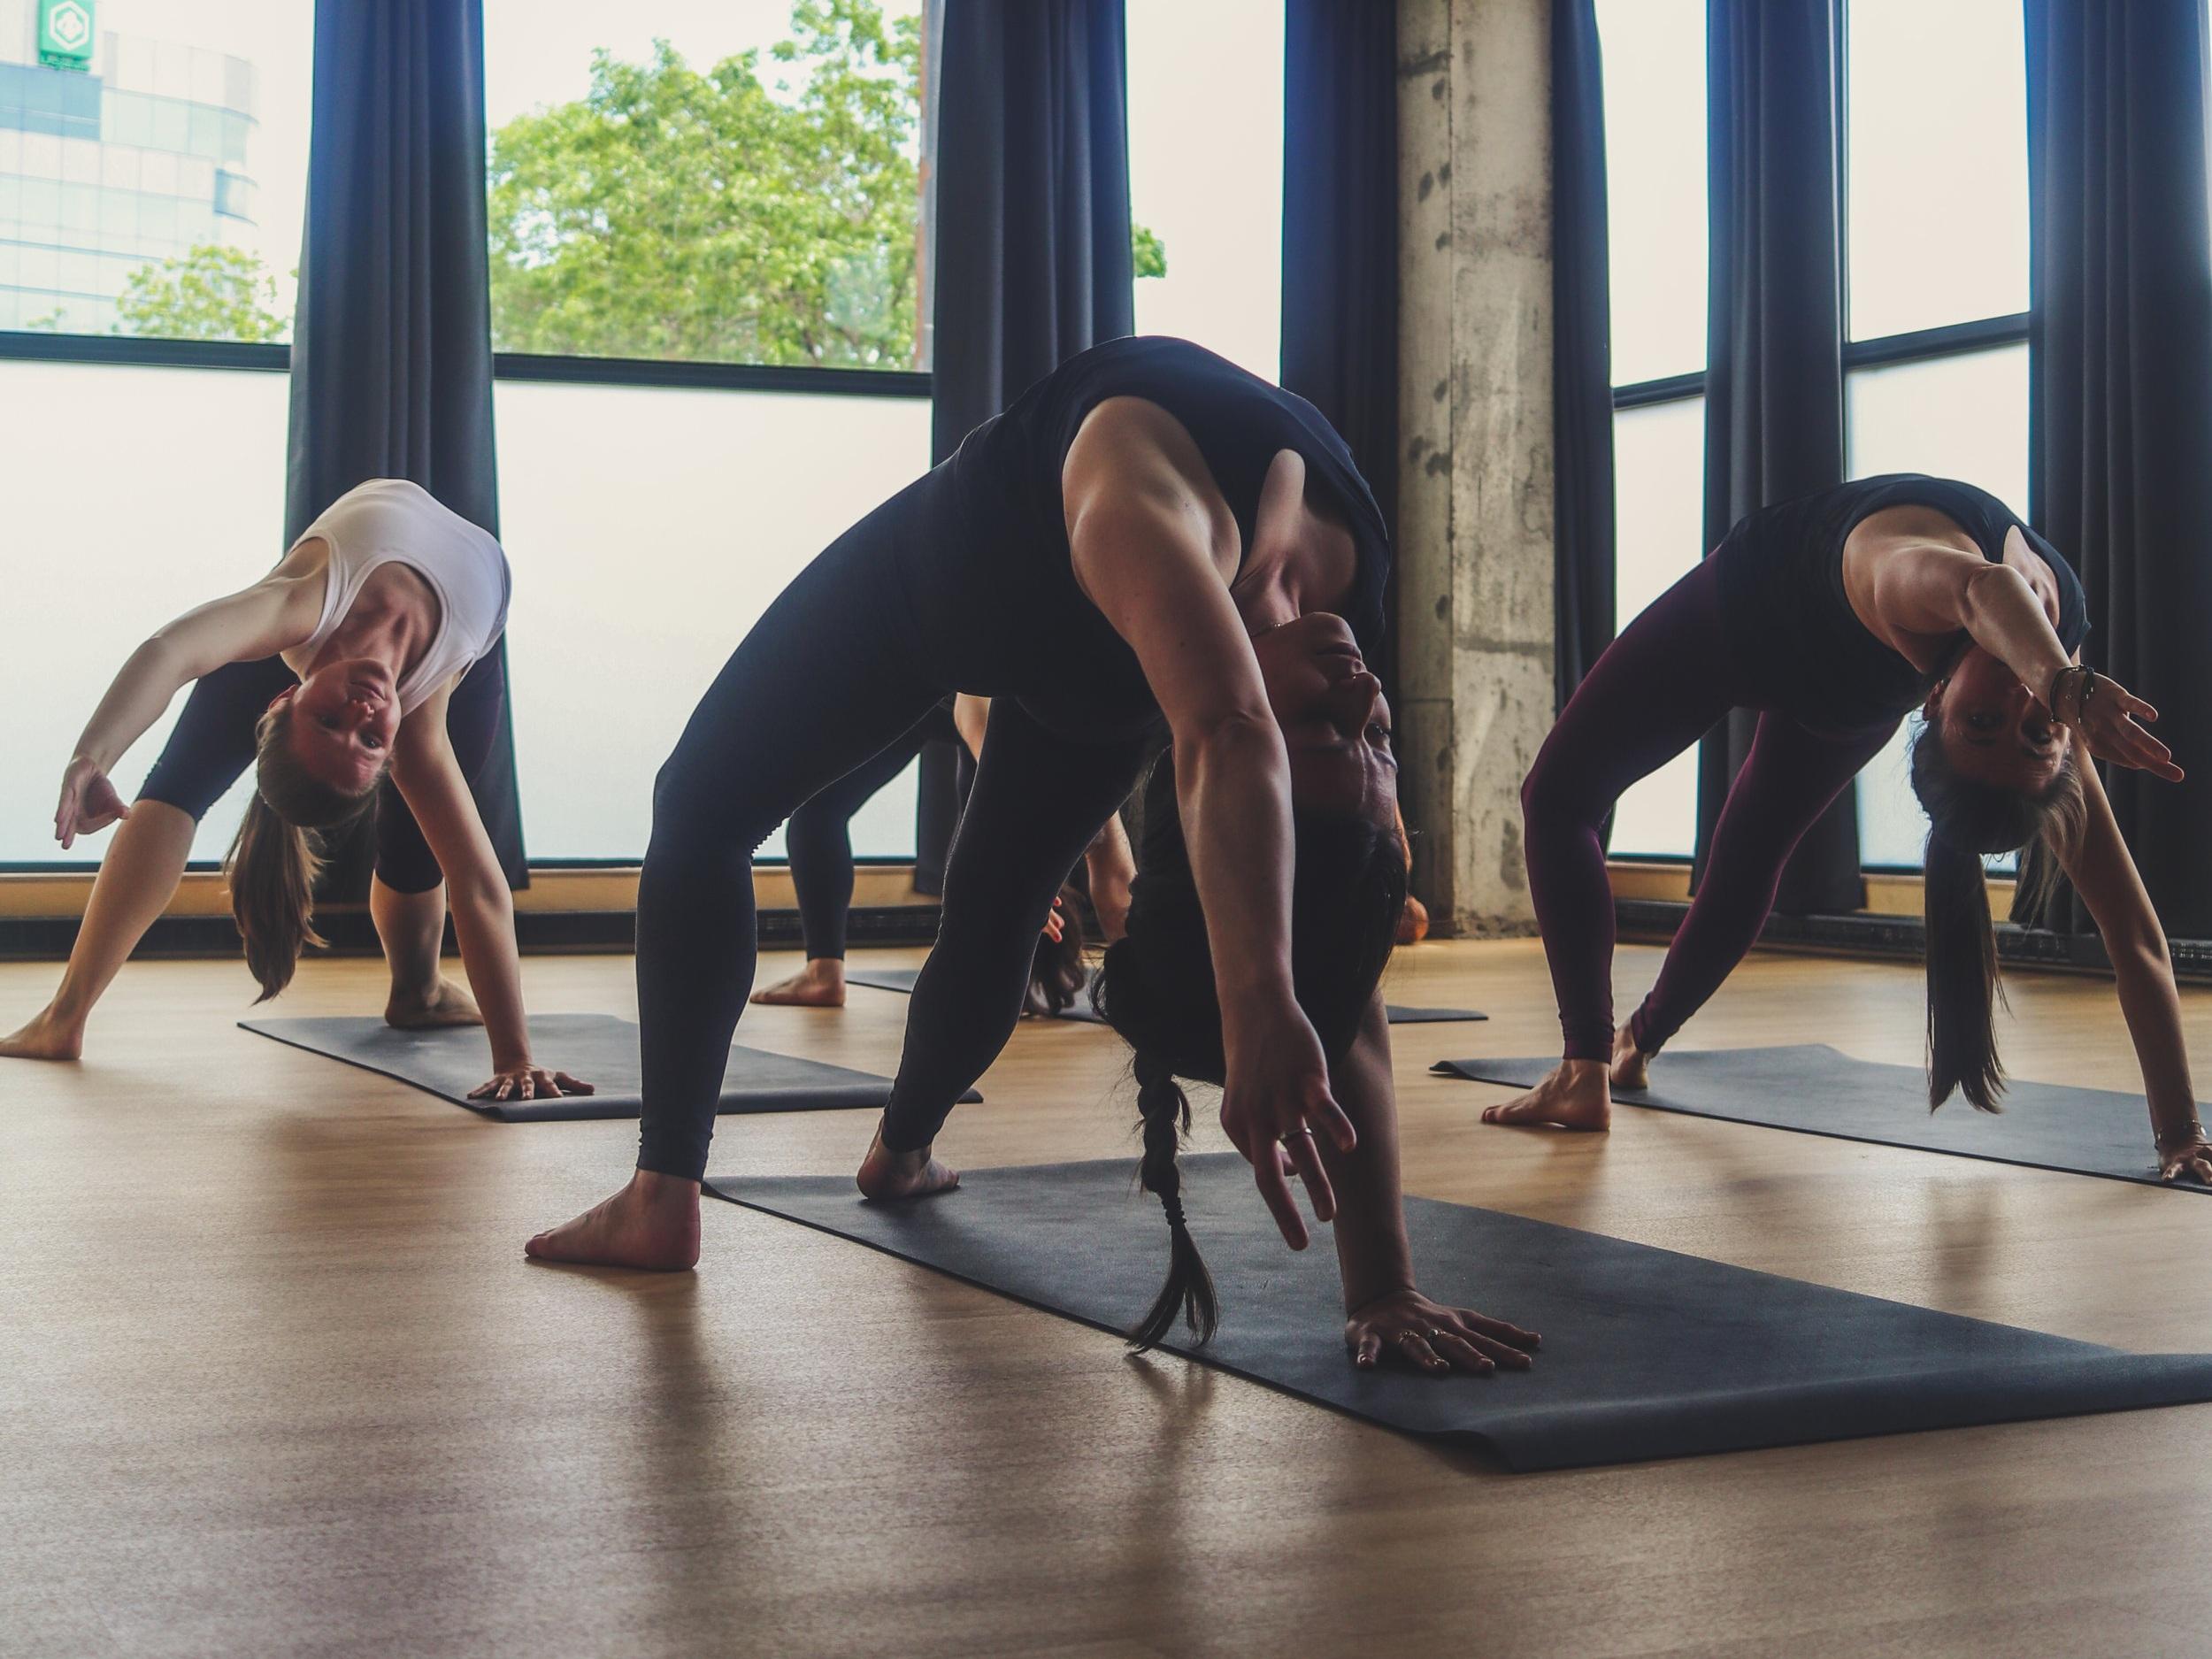 FREE FLOW - Cette pratique à tous les niveaux ne manquera pas de revigorer votre esprit et d'activer votre corps. Il vous connectera à l'énergie naturelle des dimanches pour vous préparer à la semaine à venir.